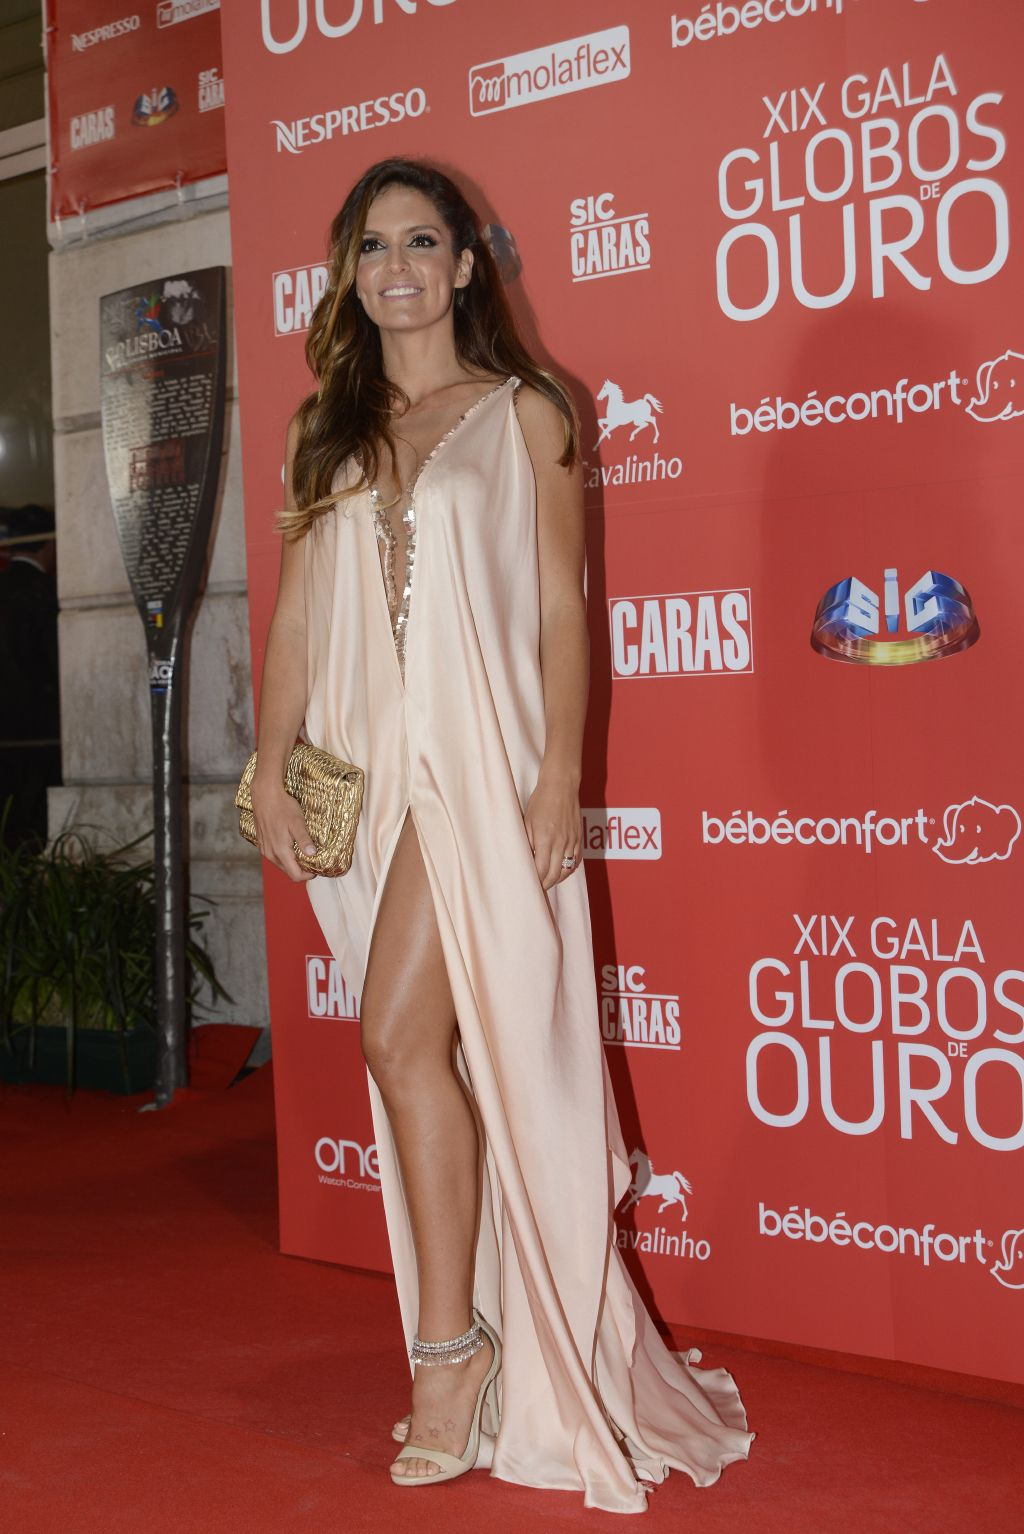 Diana Chaves Globos de Ouro | Globos de Ouro | Pinterest ...